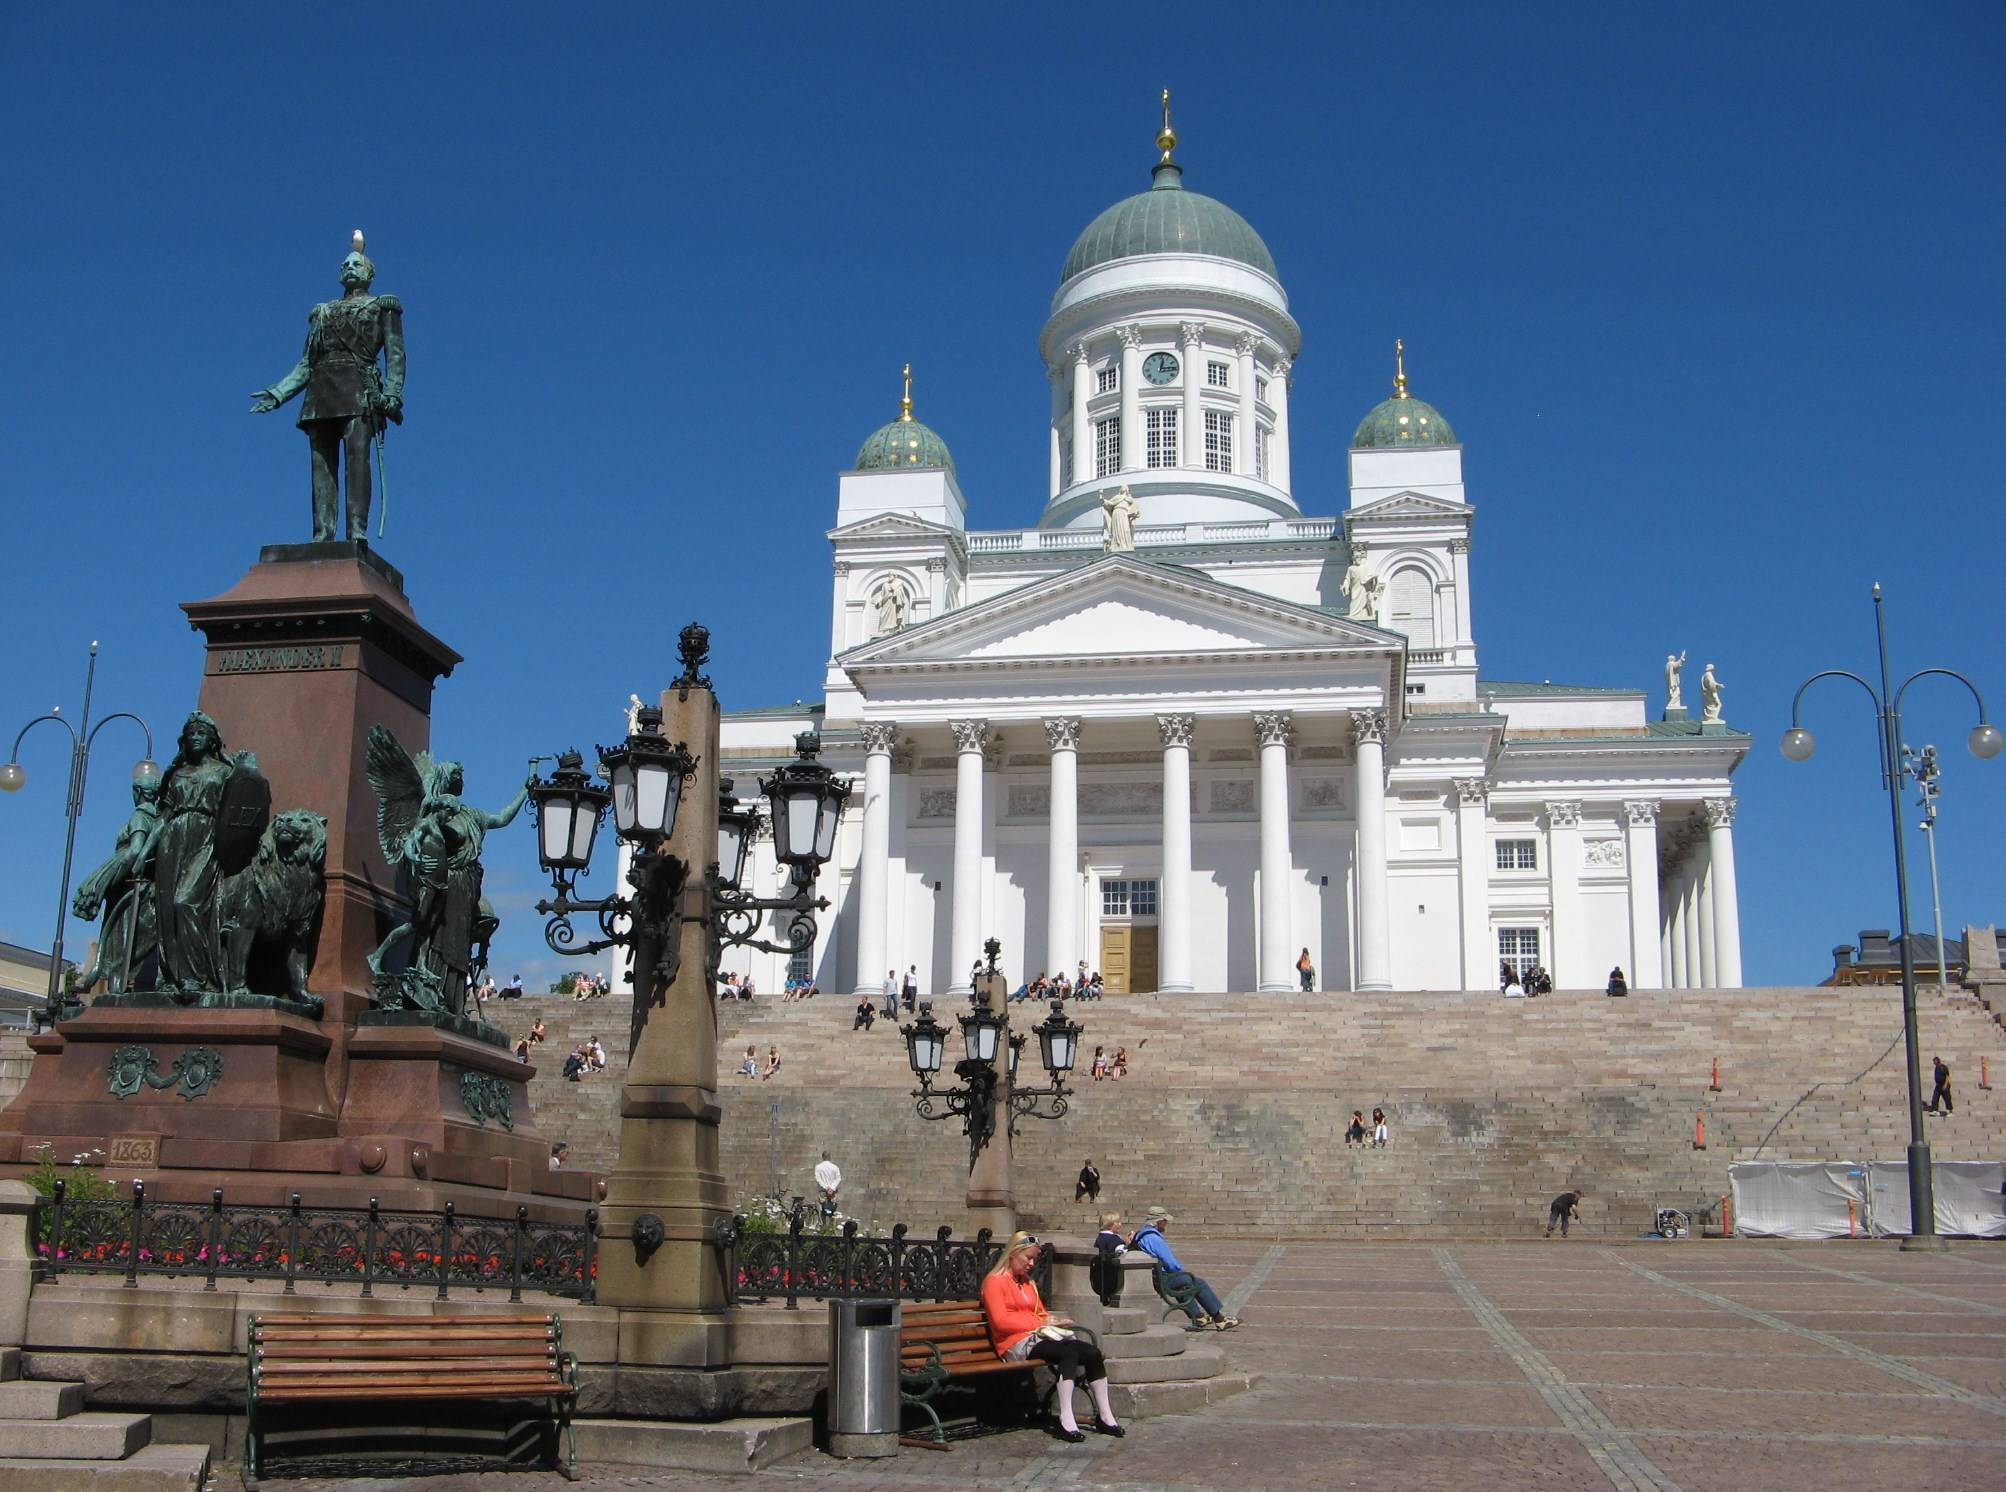 Работа в финляндии для русских вакансии 2020